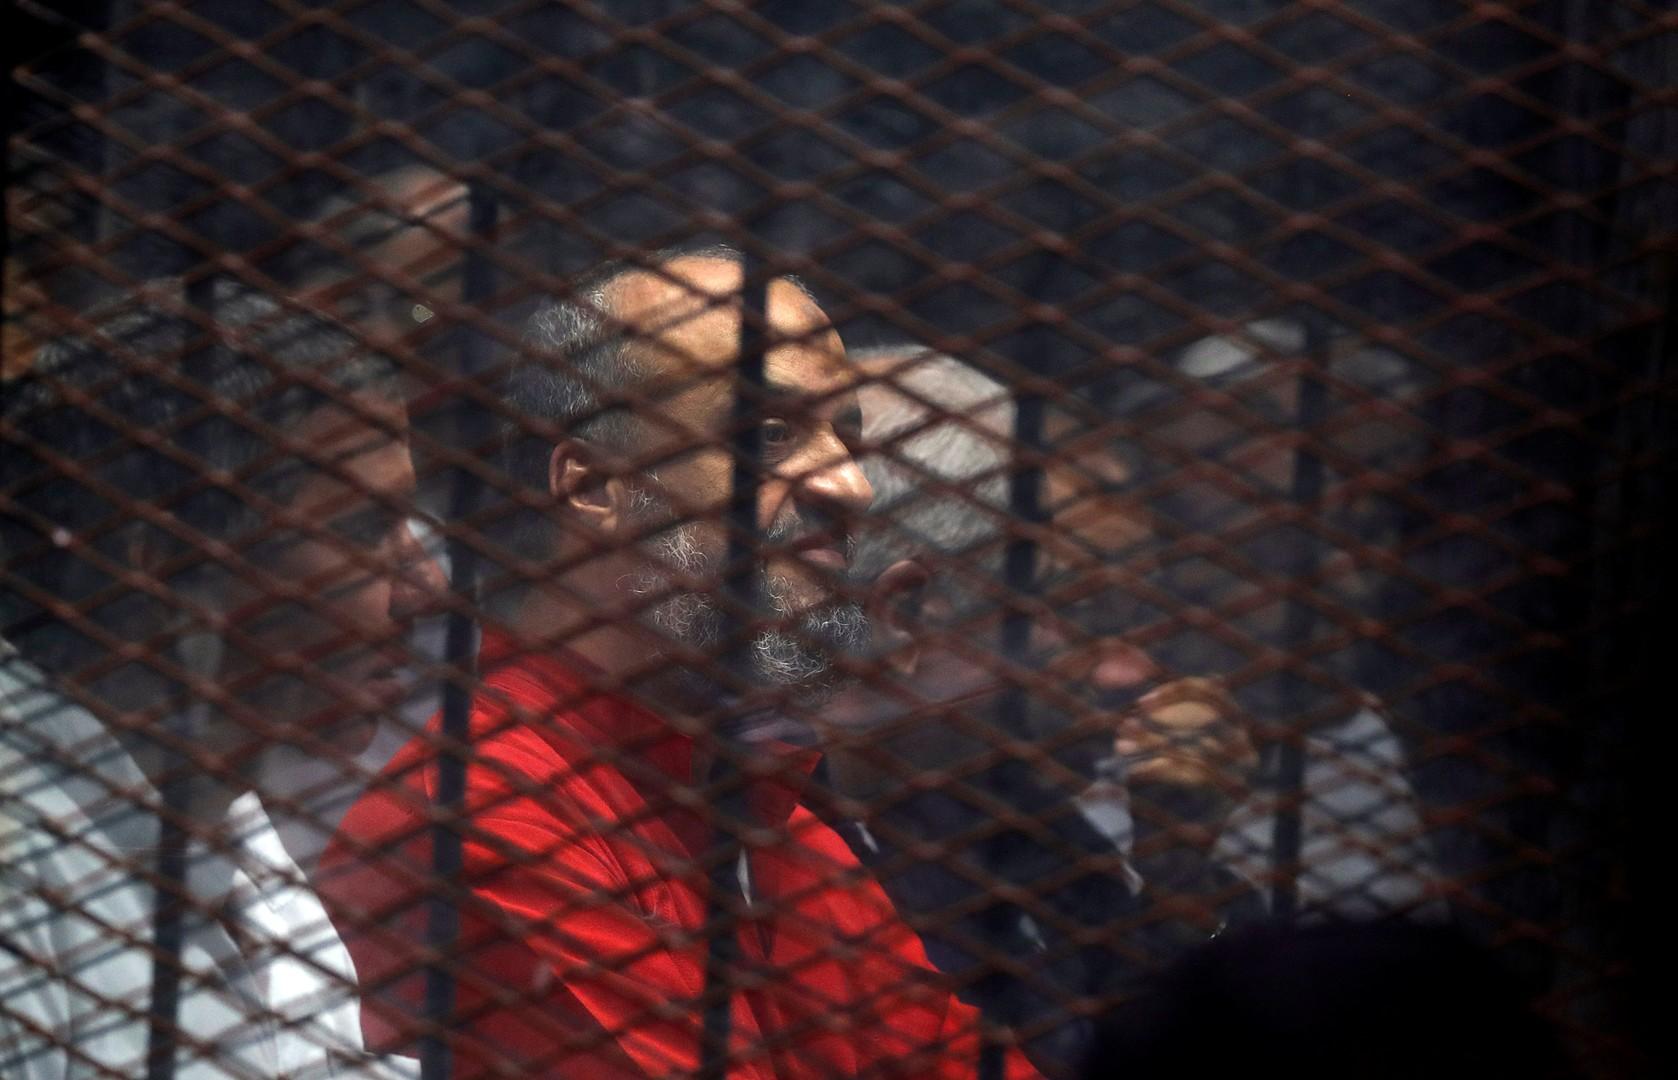 مصدر مصري لـ RT عن مبادرة الإخوان: القانون يأخذ مجراه ولا يلتفت لمثل هذه المبادرات